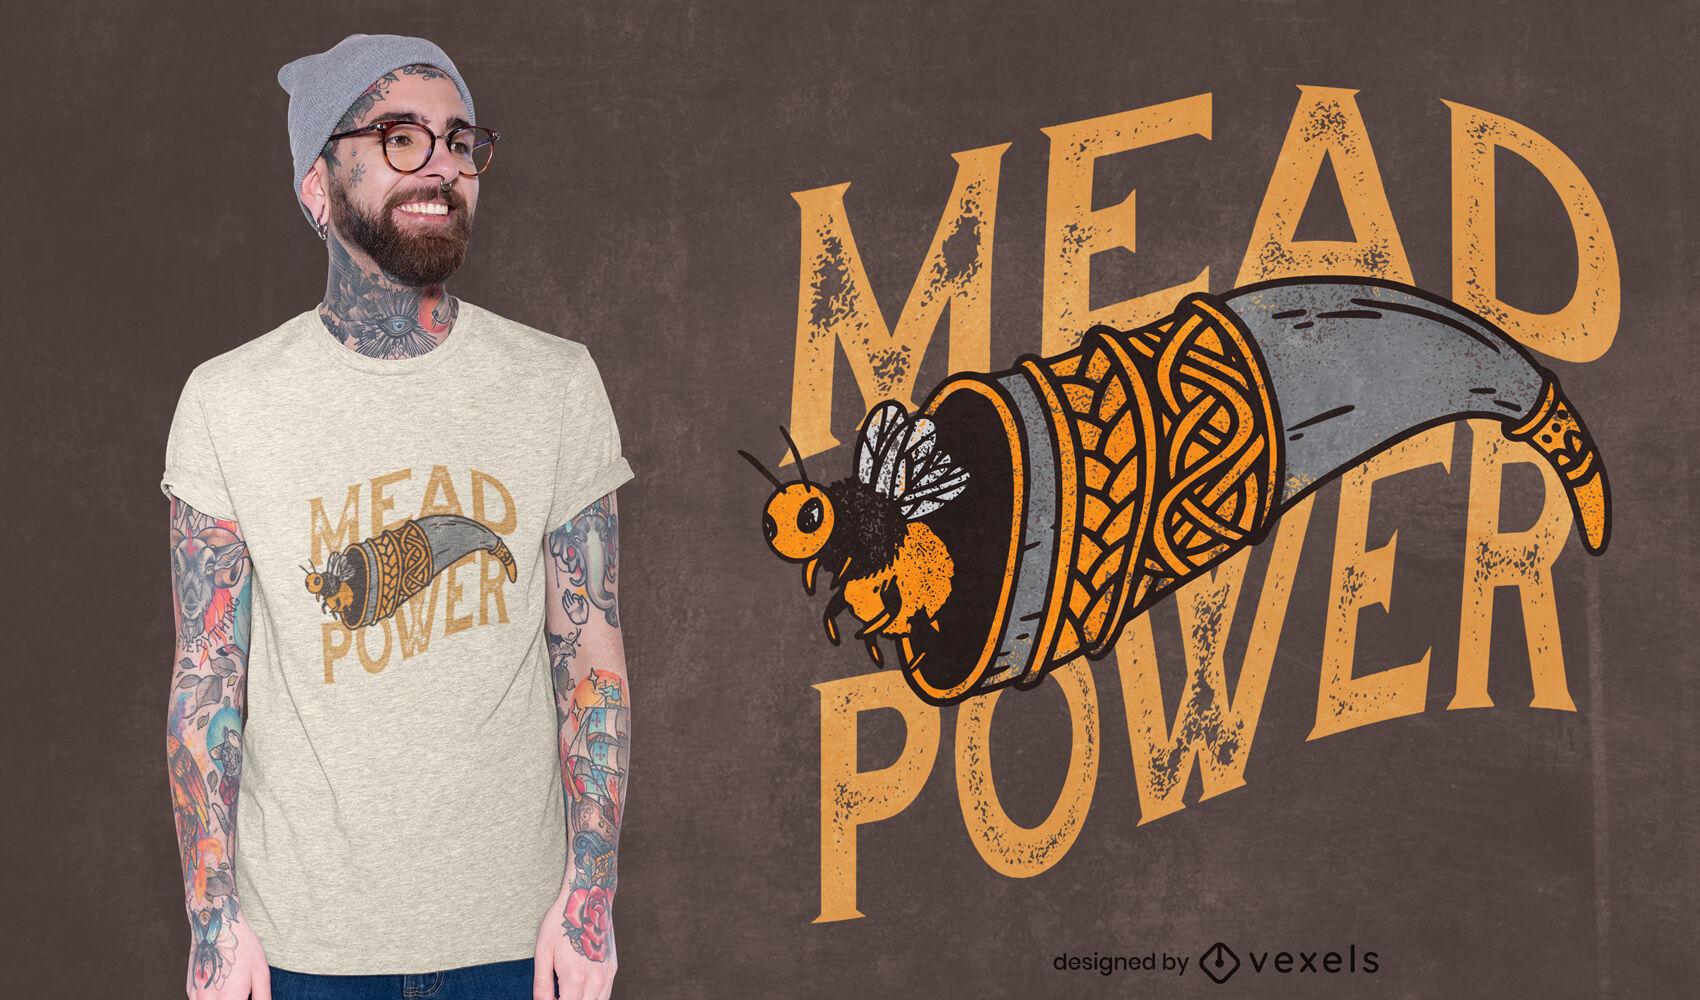 Mead power textured t-shirt design